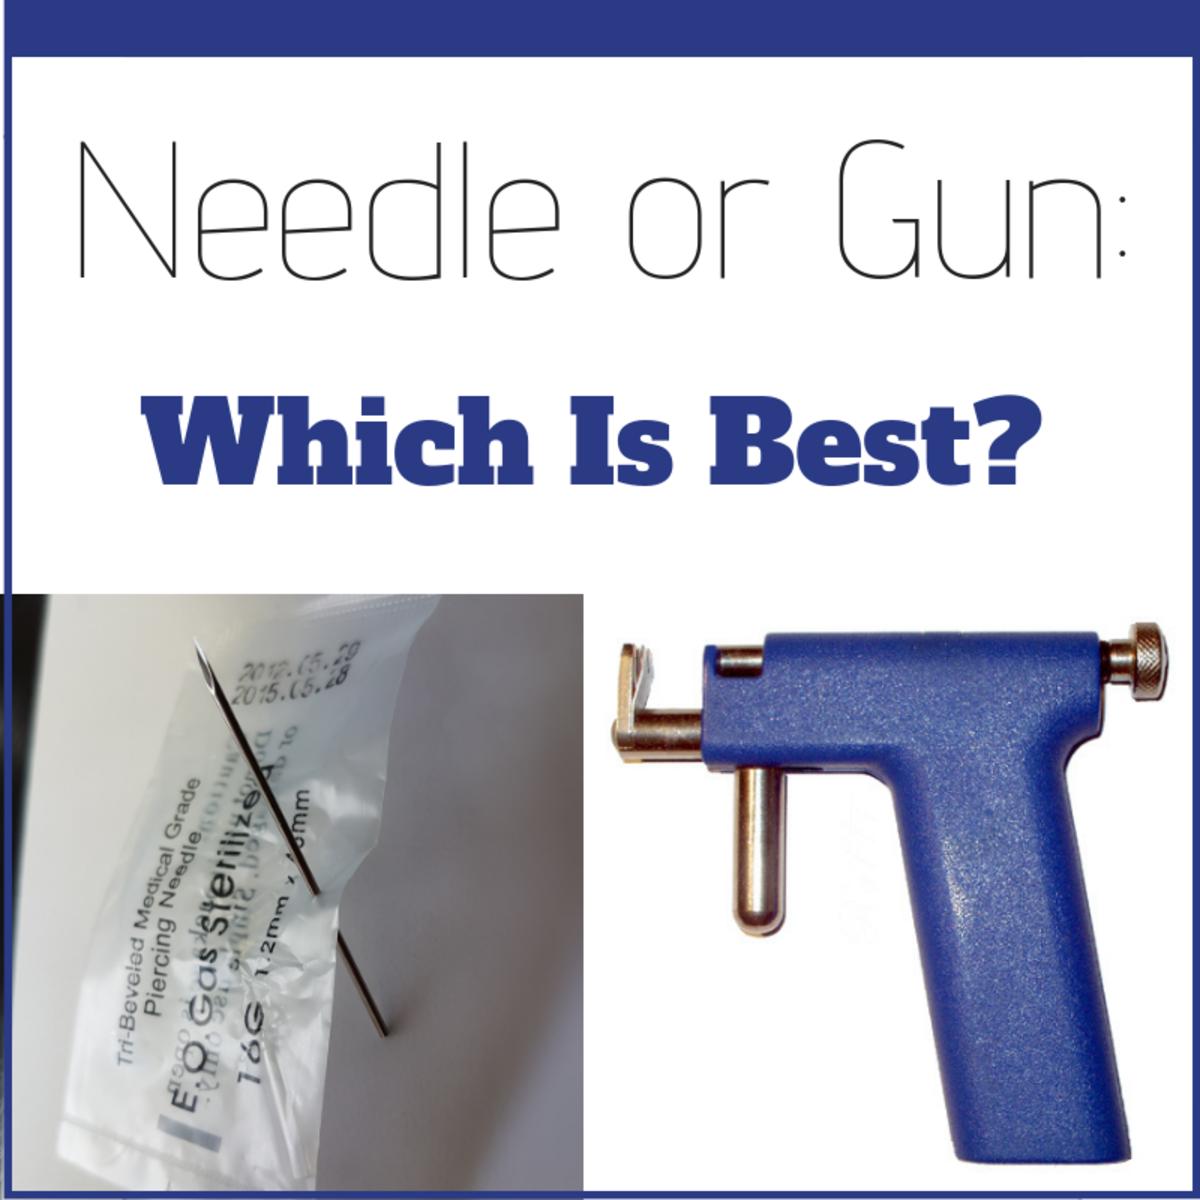 Piercing Needles vs Piercing Gun: Which Is Safer?